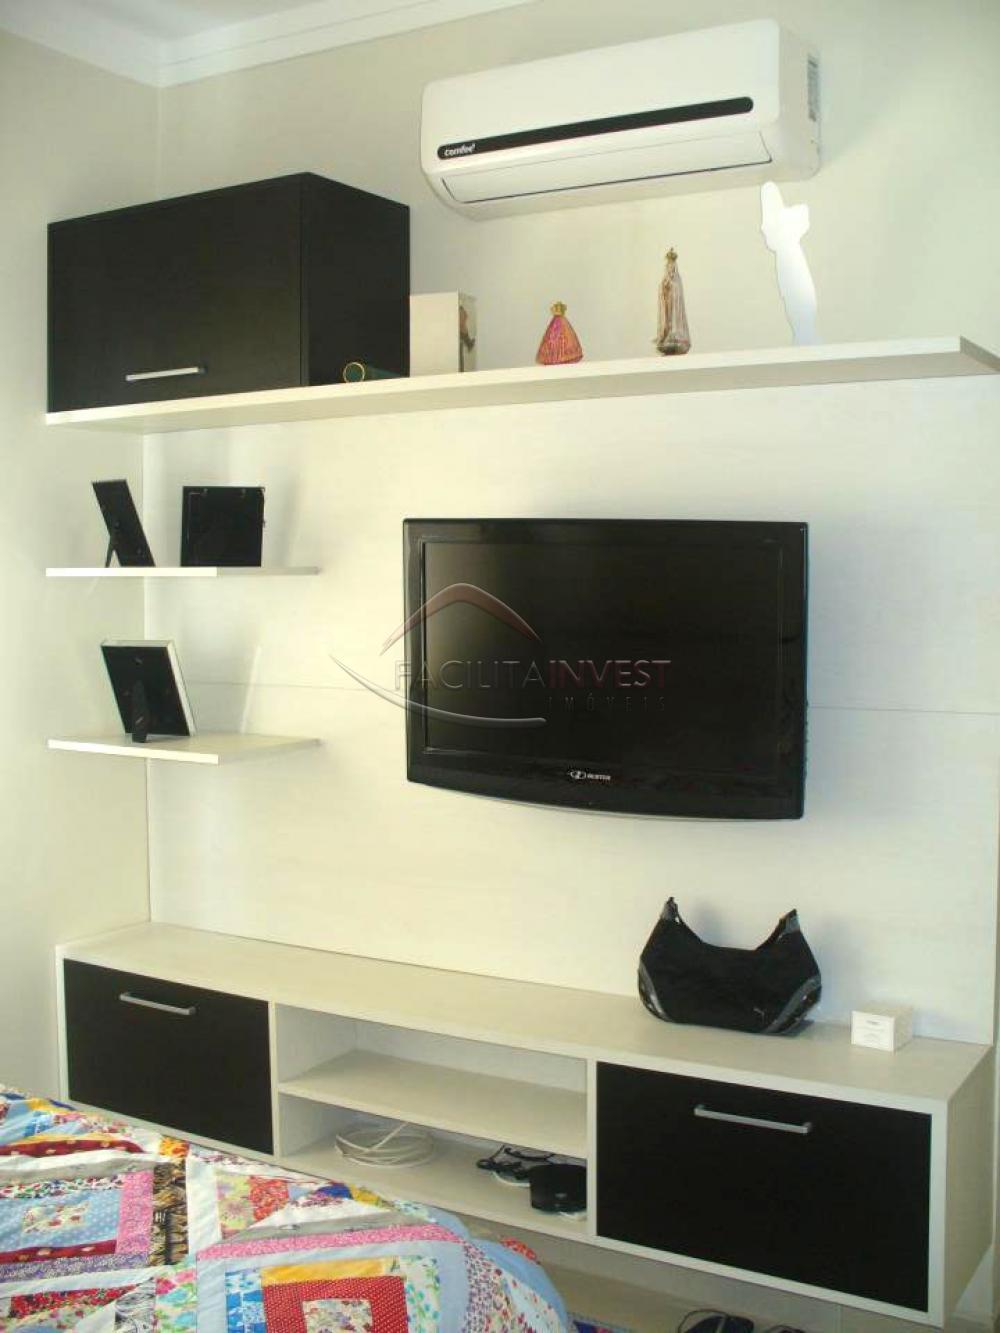 Alugar Apartamentos / Apartamento Mobiliado em Ribeirão Preto apenas R$ 4.100,00 - Foto 21